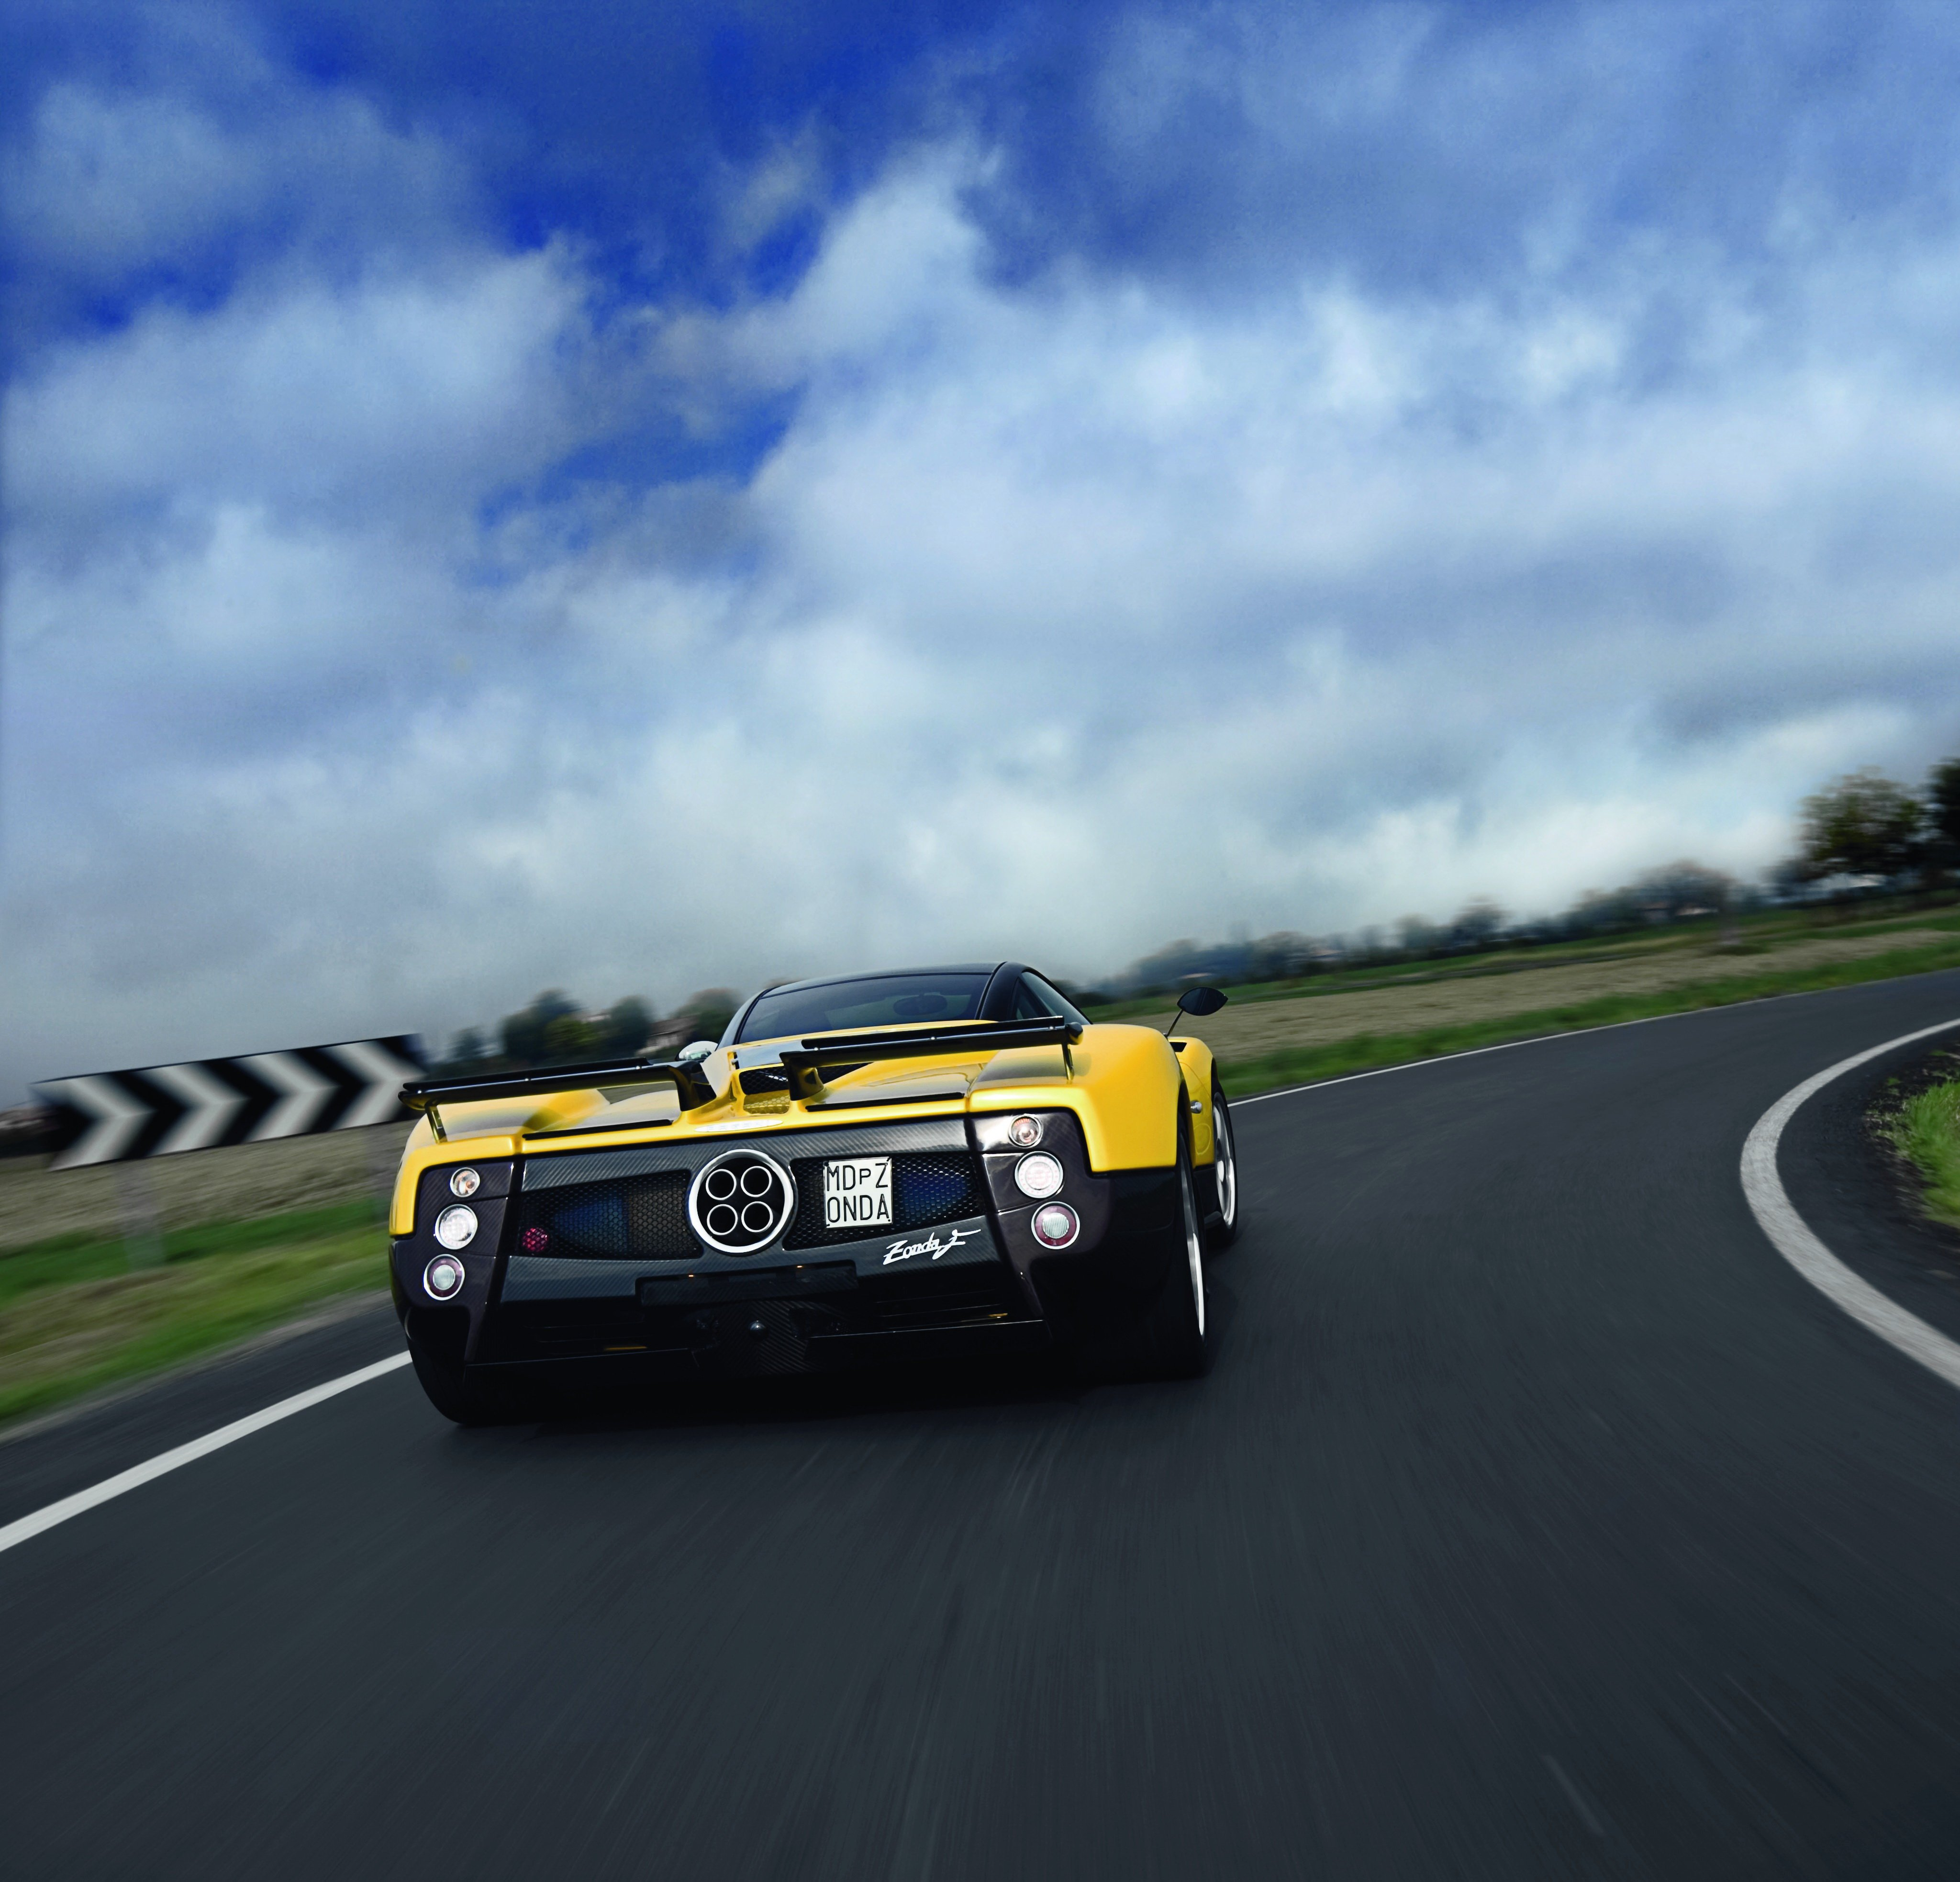 Pagani Zonda-F Cars Supercars 2005 Wallpaper